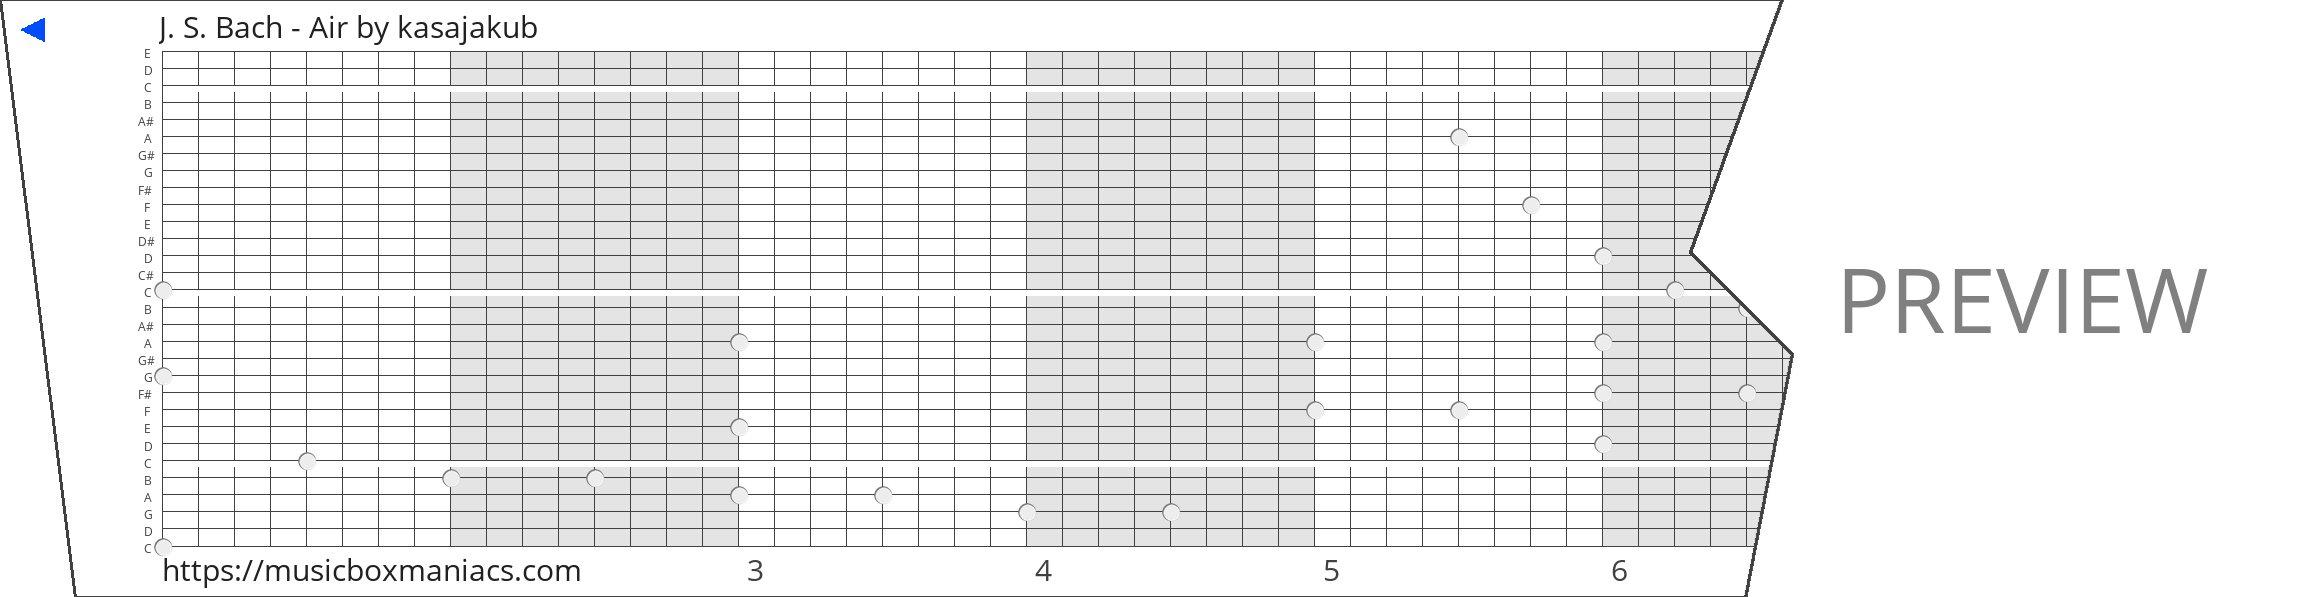 J. S. Bach - Air 30 note music box paper strip